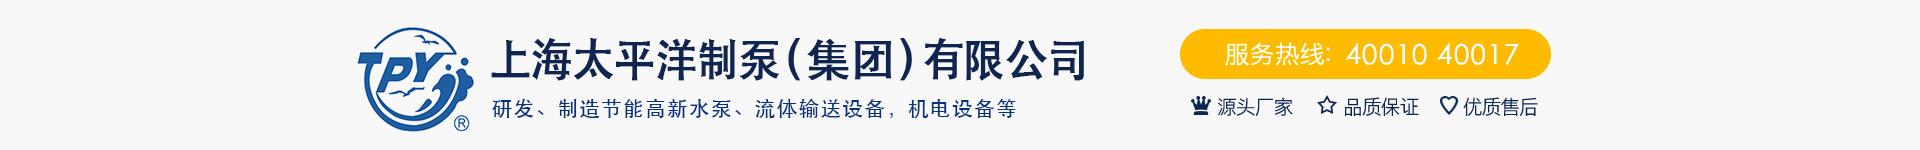 上海太平洋制泵(集團)有限公司